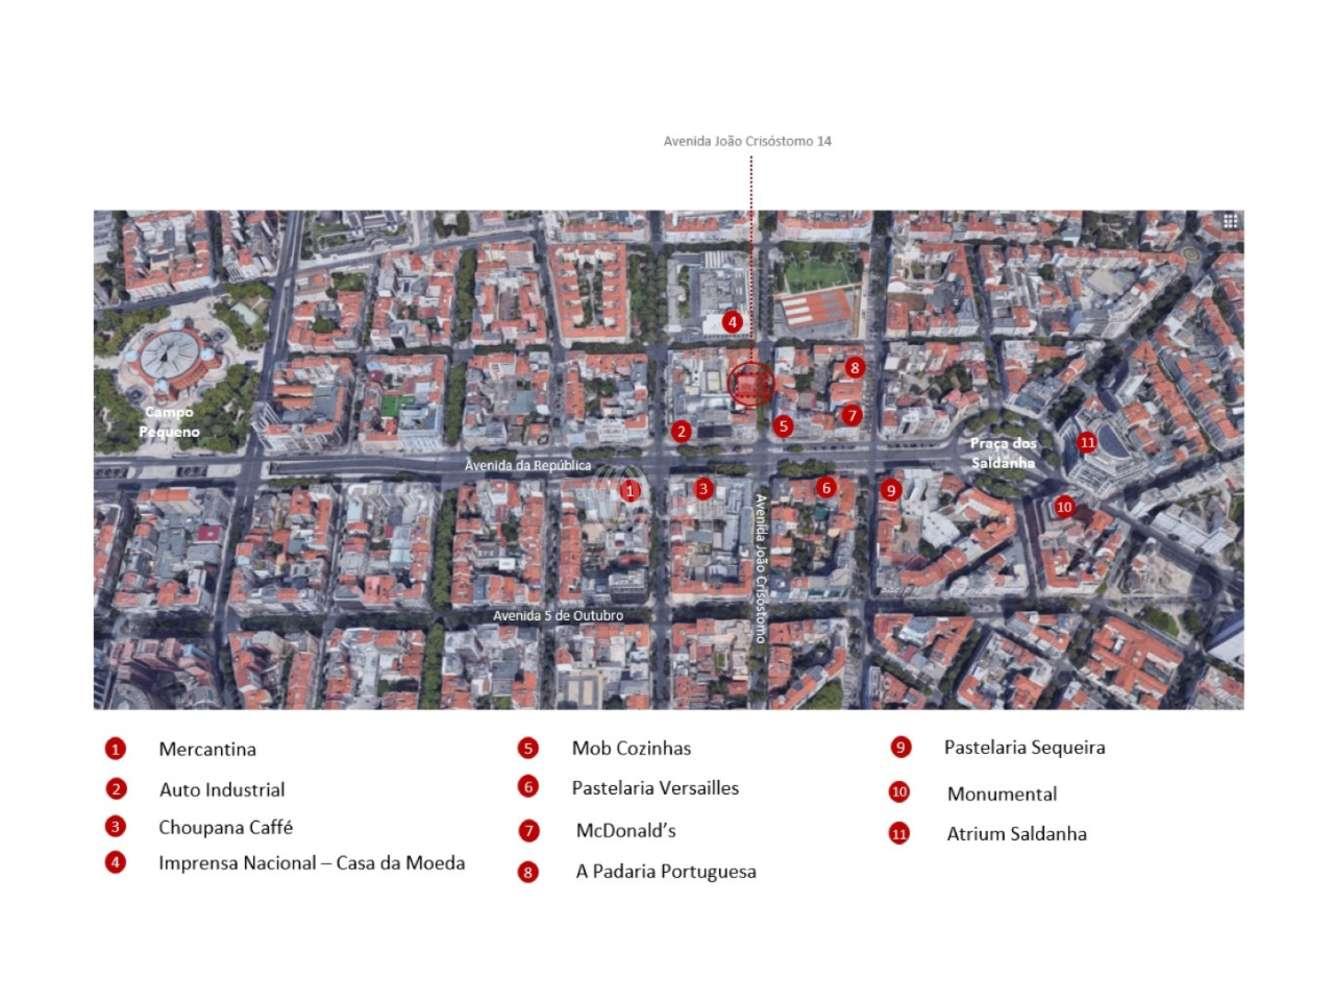 Loja Lisboa,  - Loja na Avenida João Crisóstomo